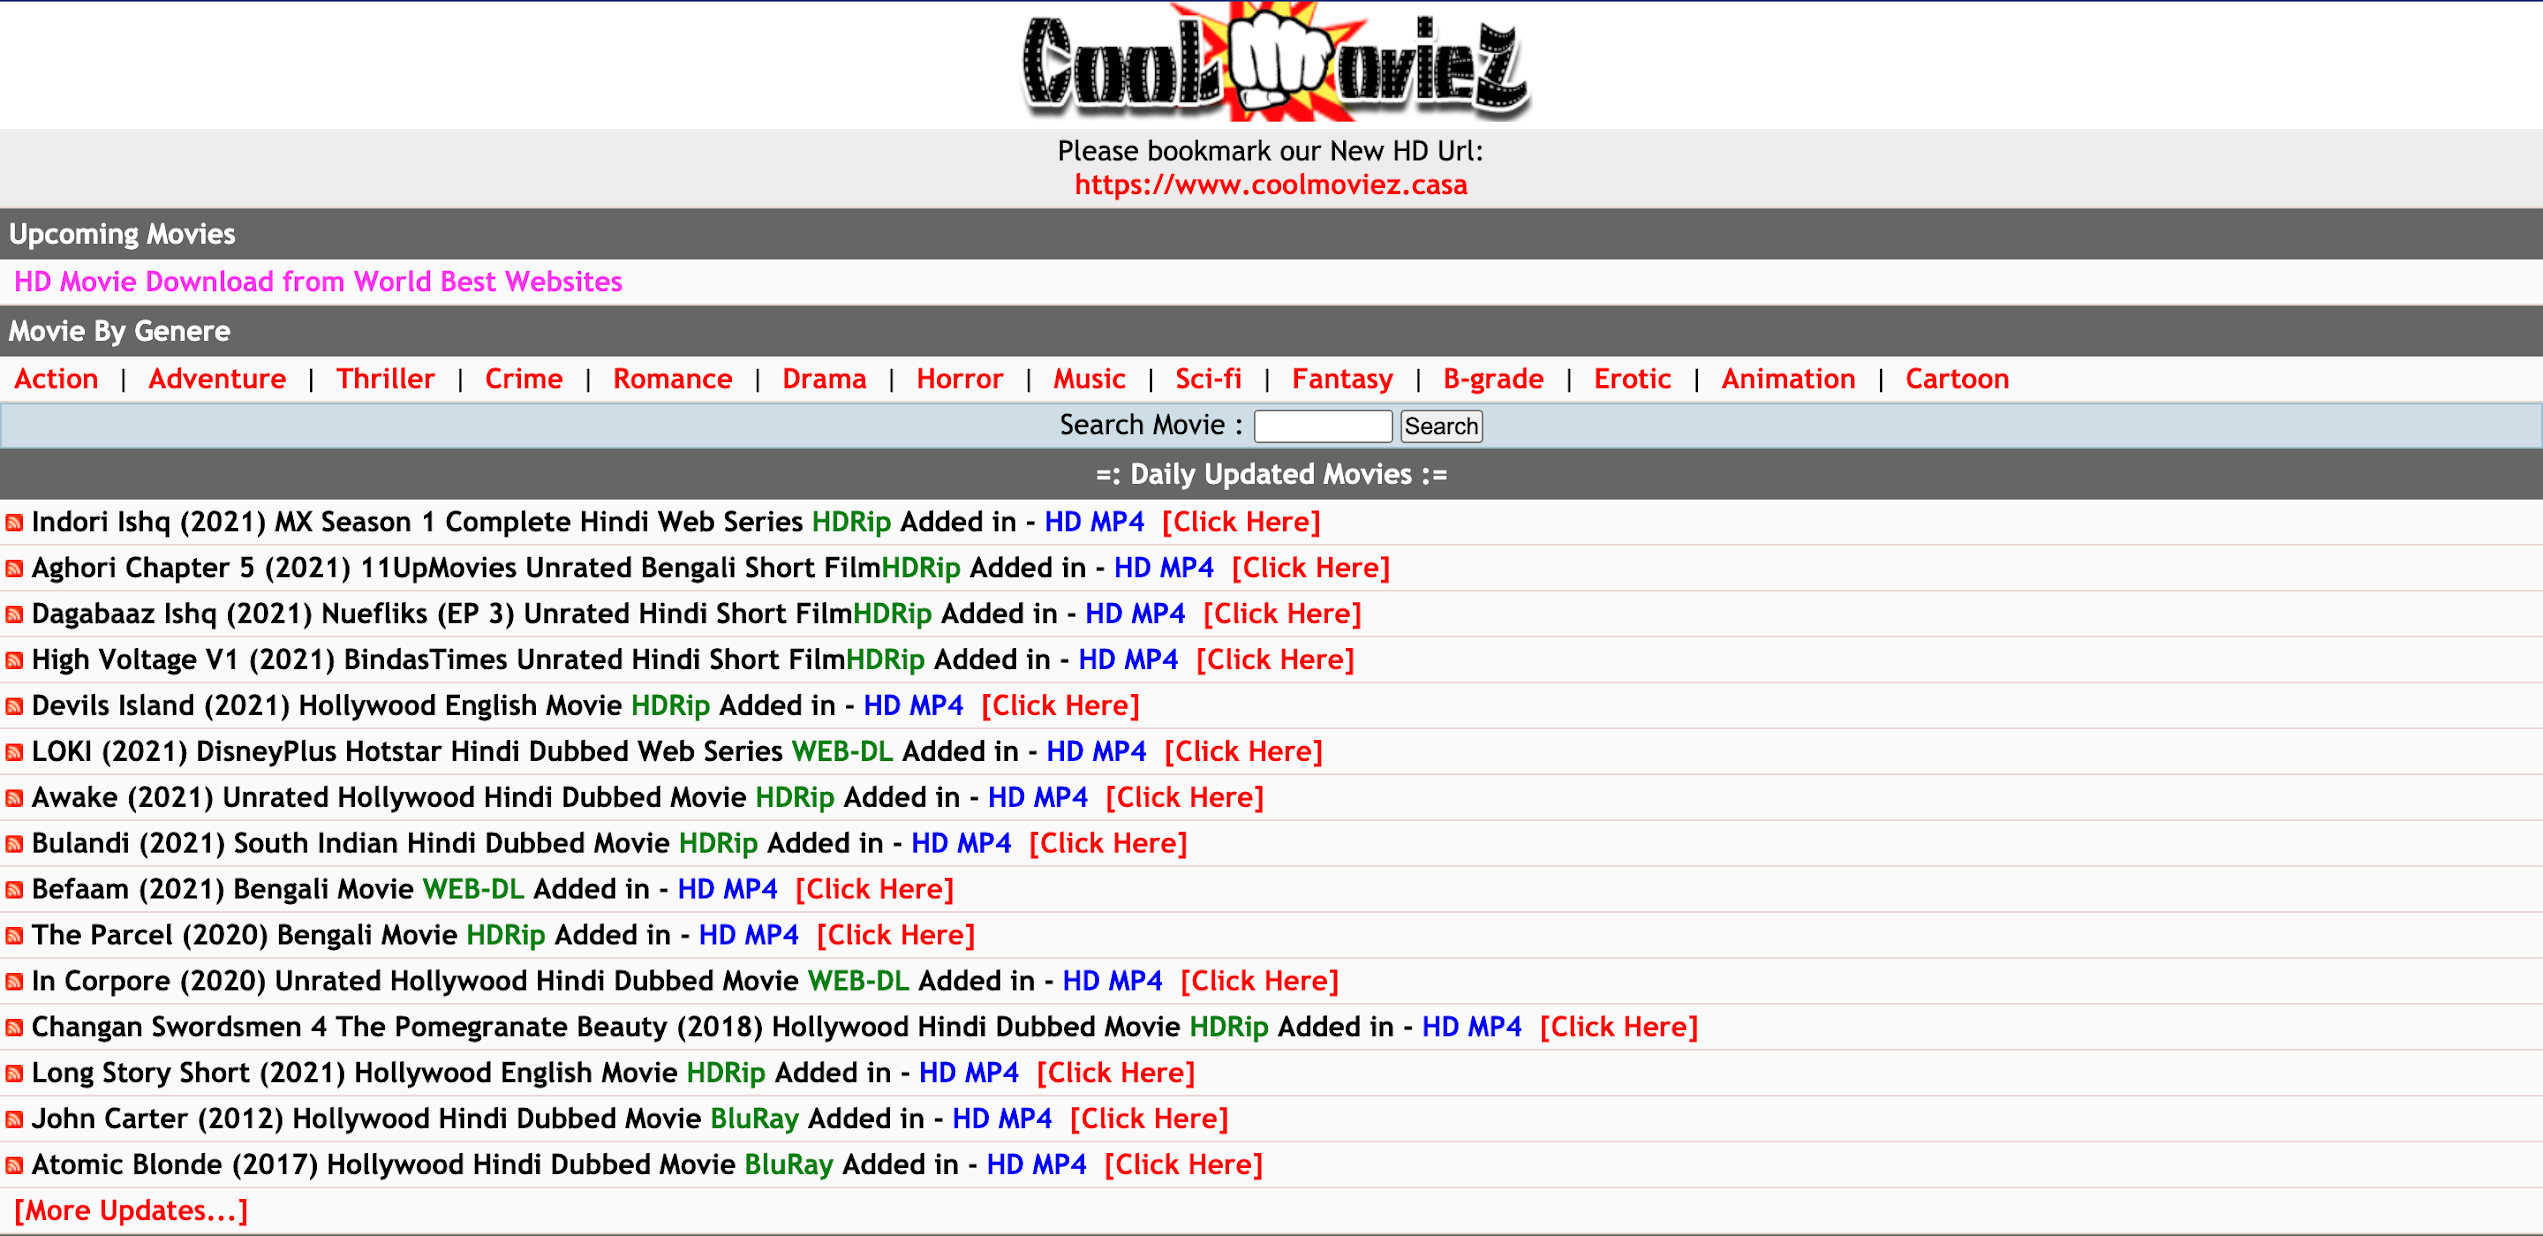 Coolmoviez Website 2021